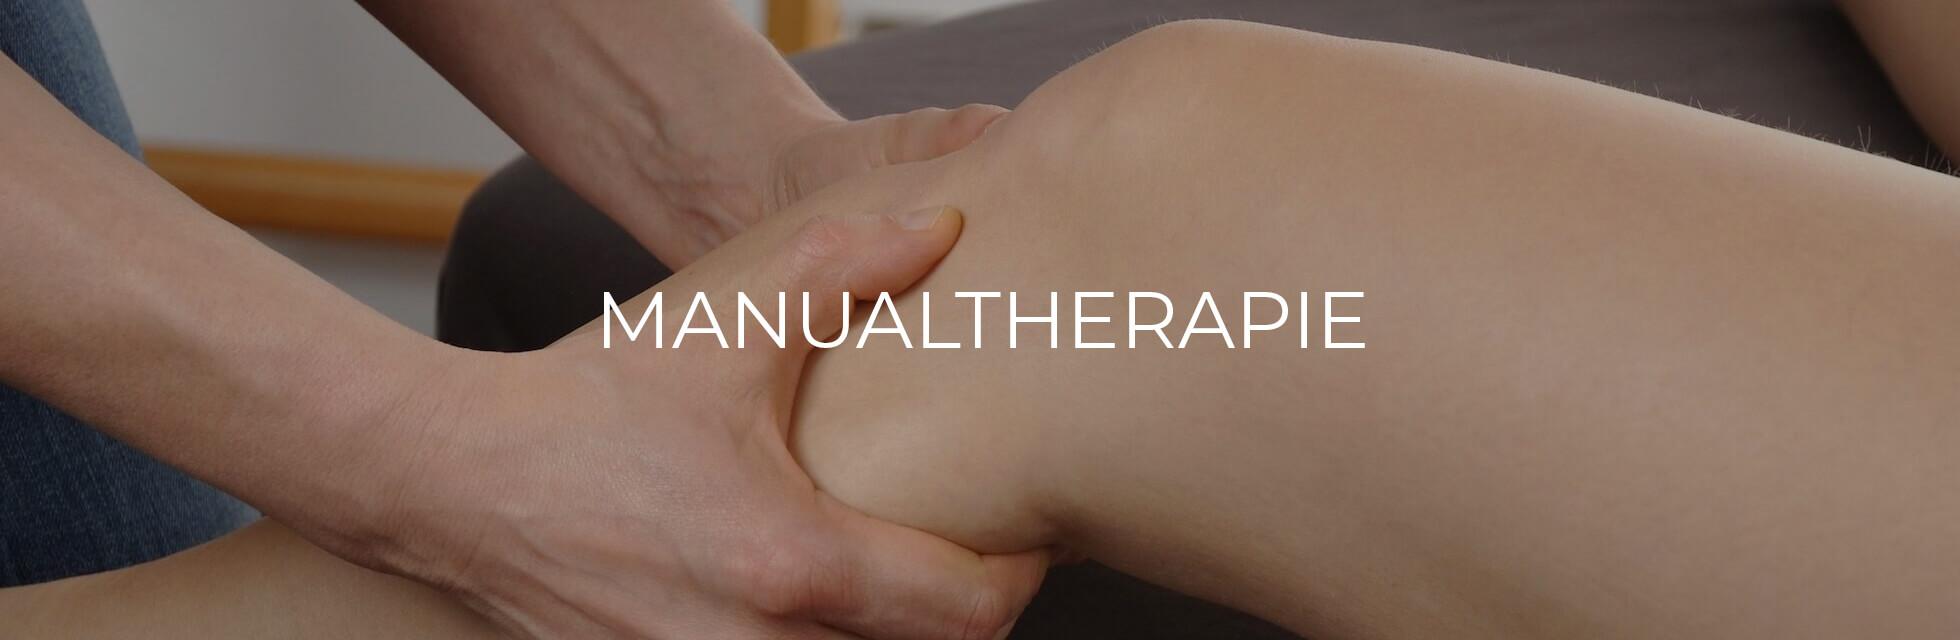 manualtherapie knie hüfte schulter schmerzen graz